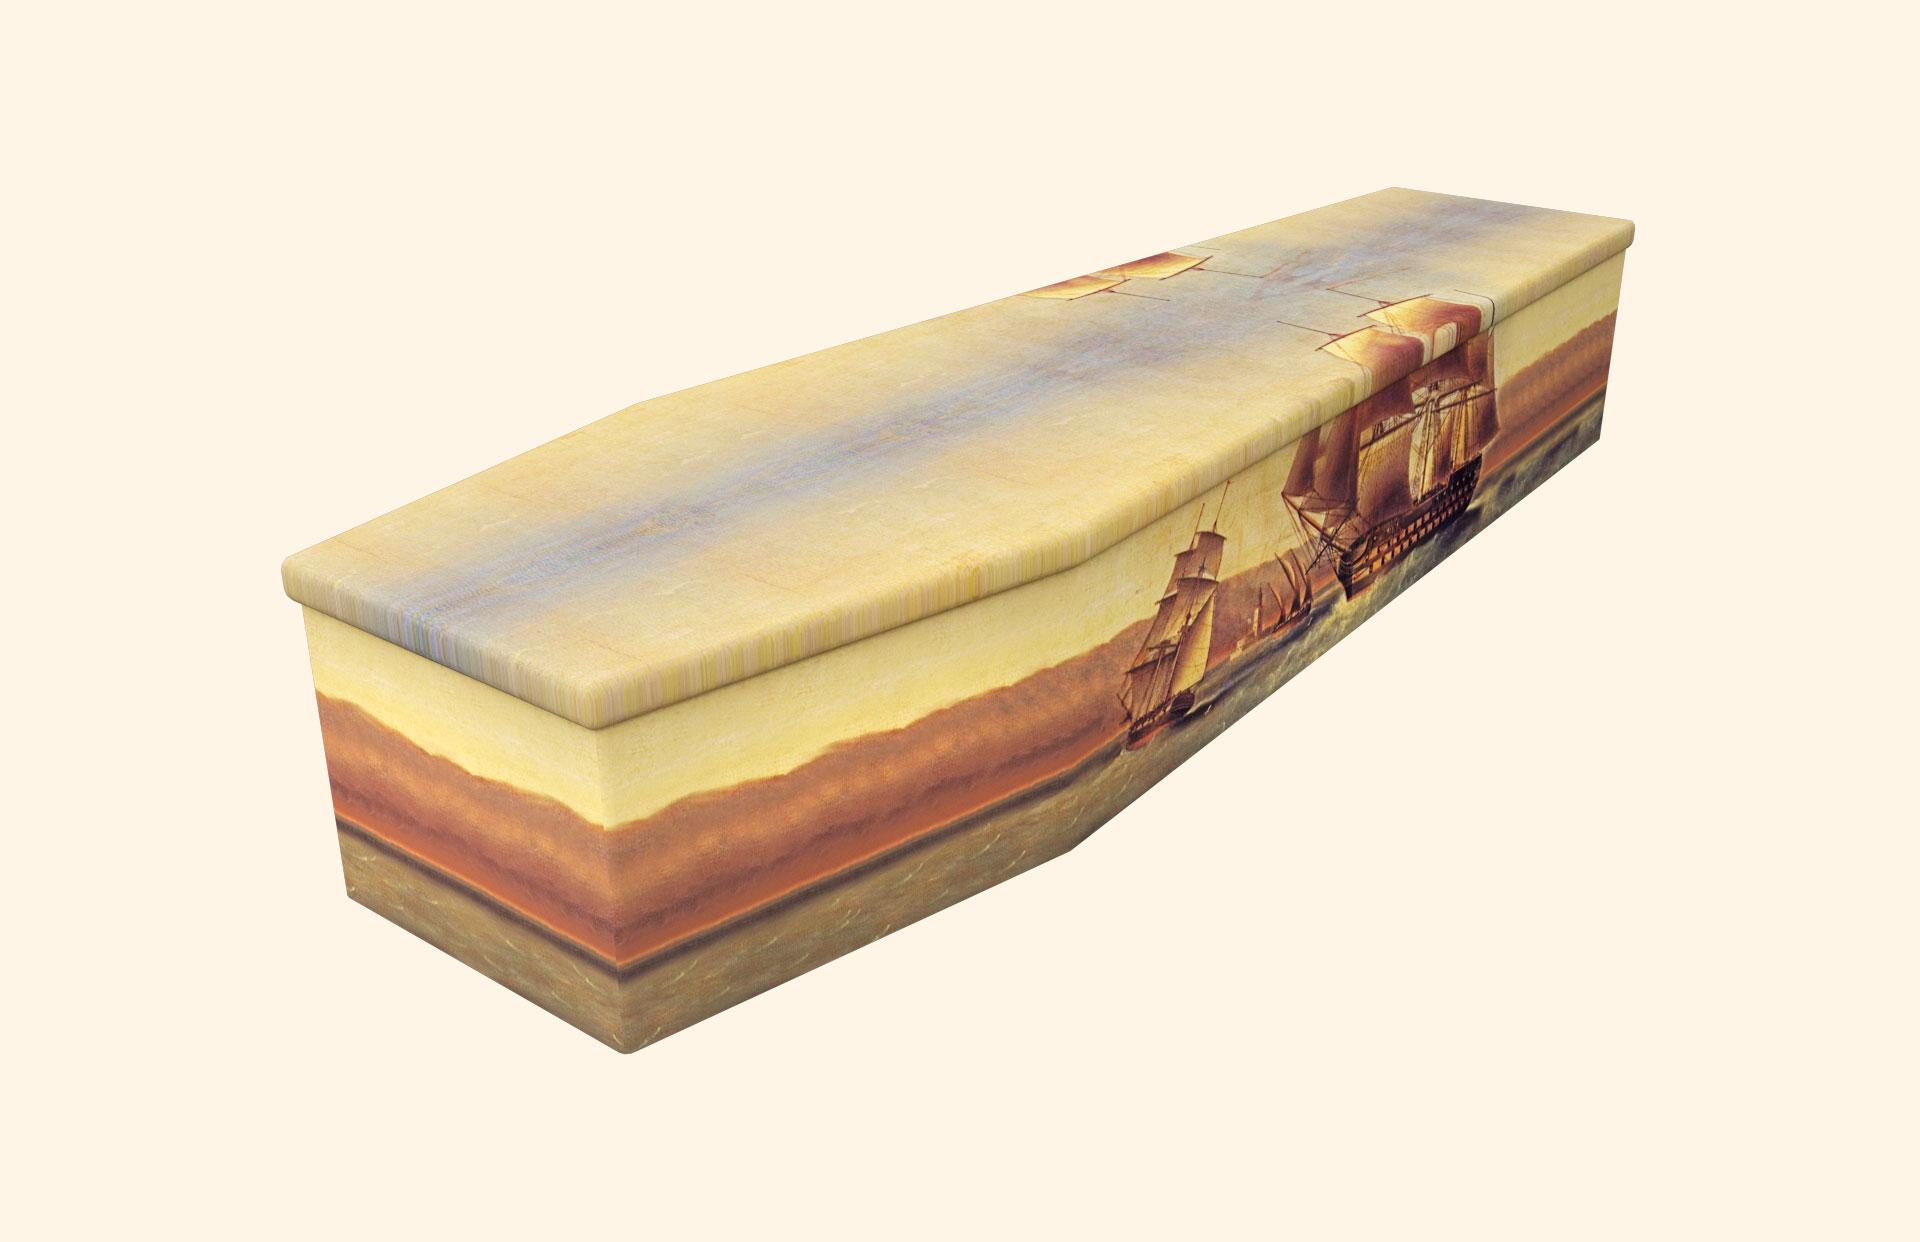 Set Sail (Old Ship) Cardboard coffin